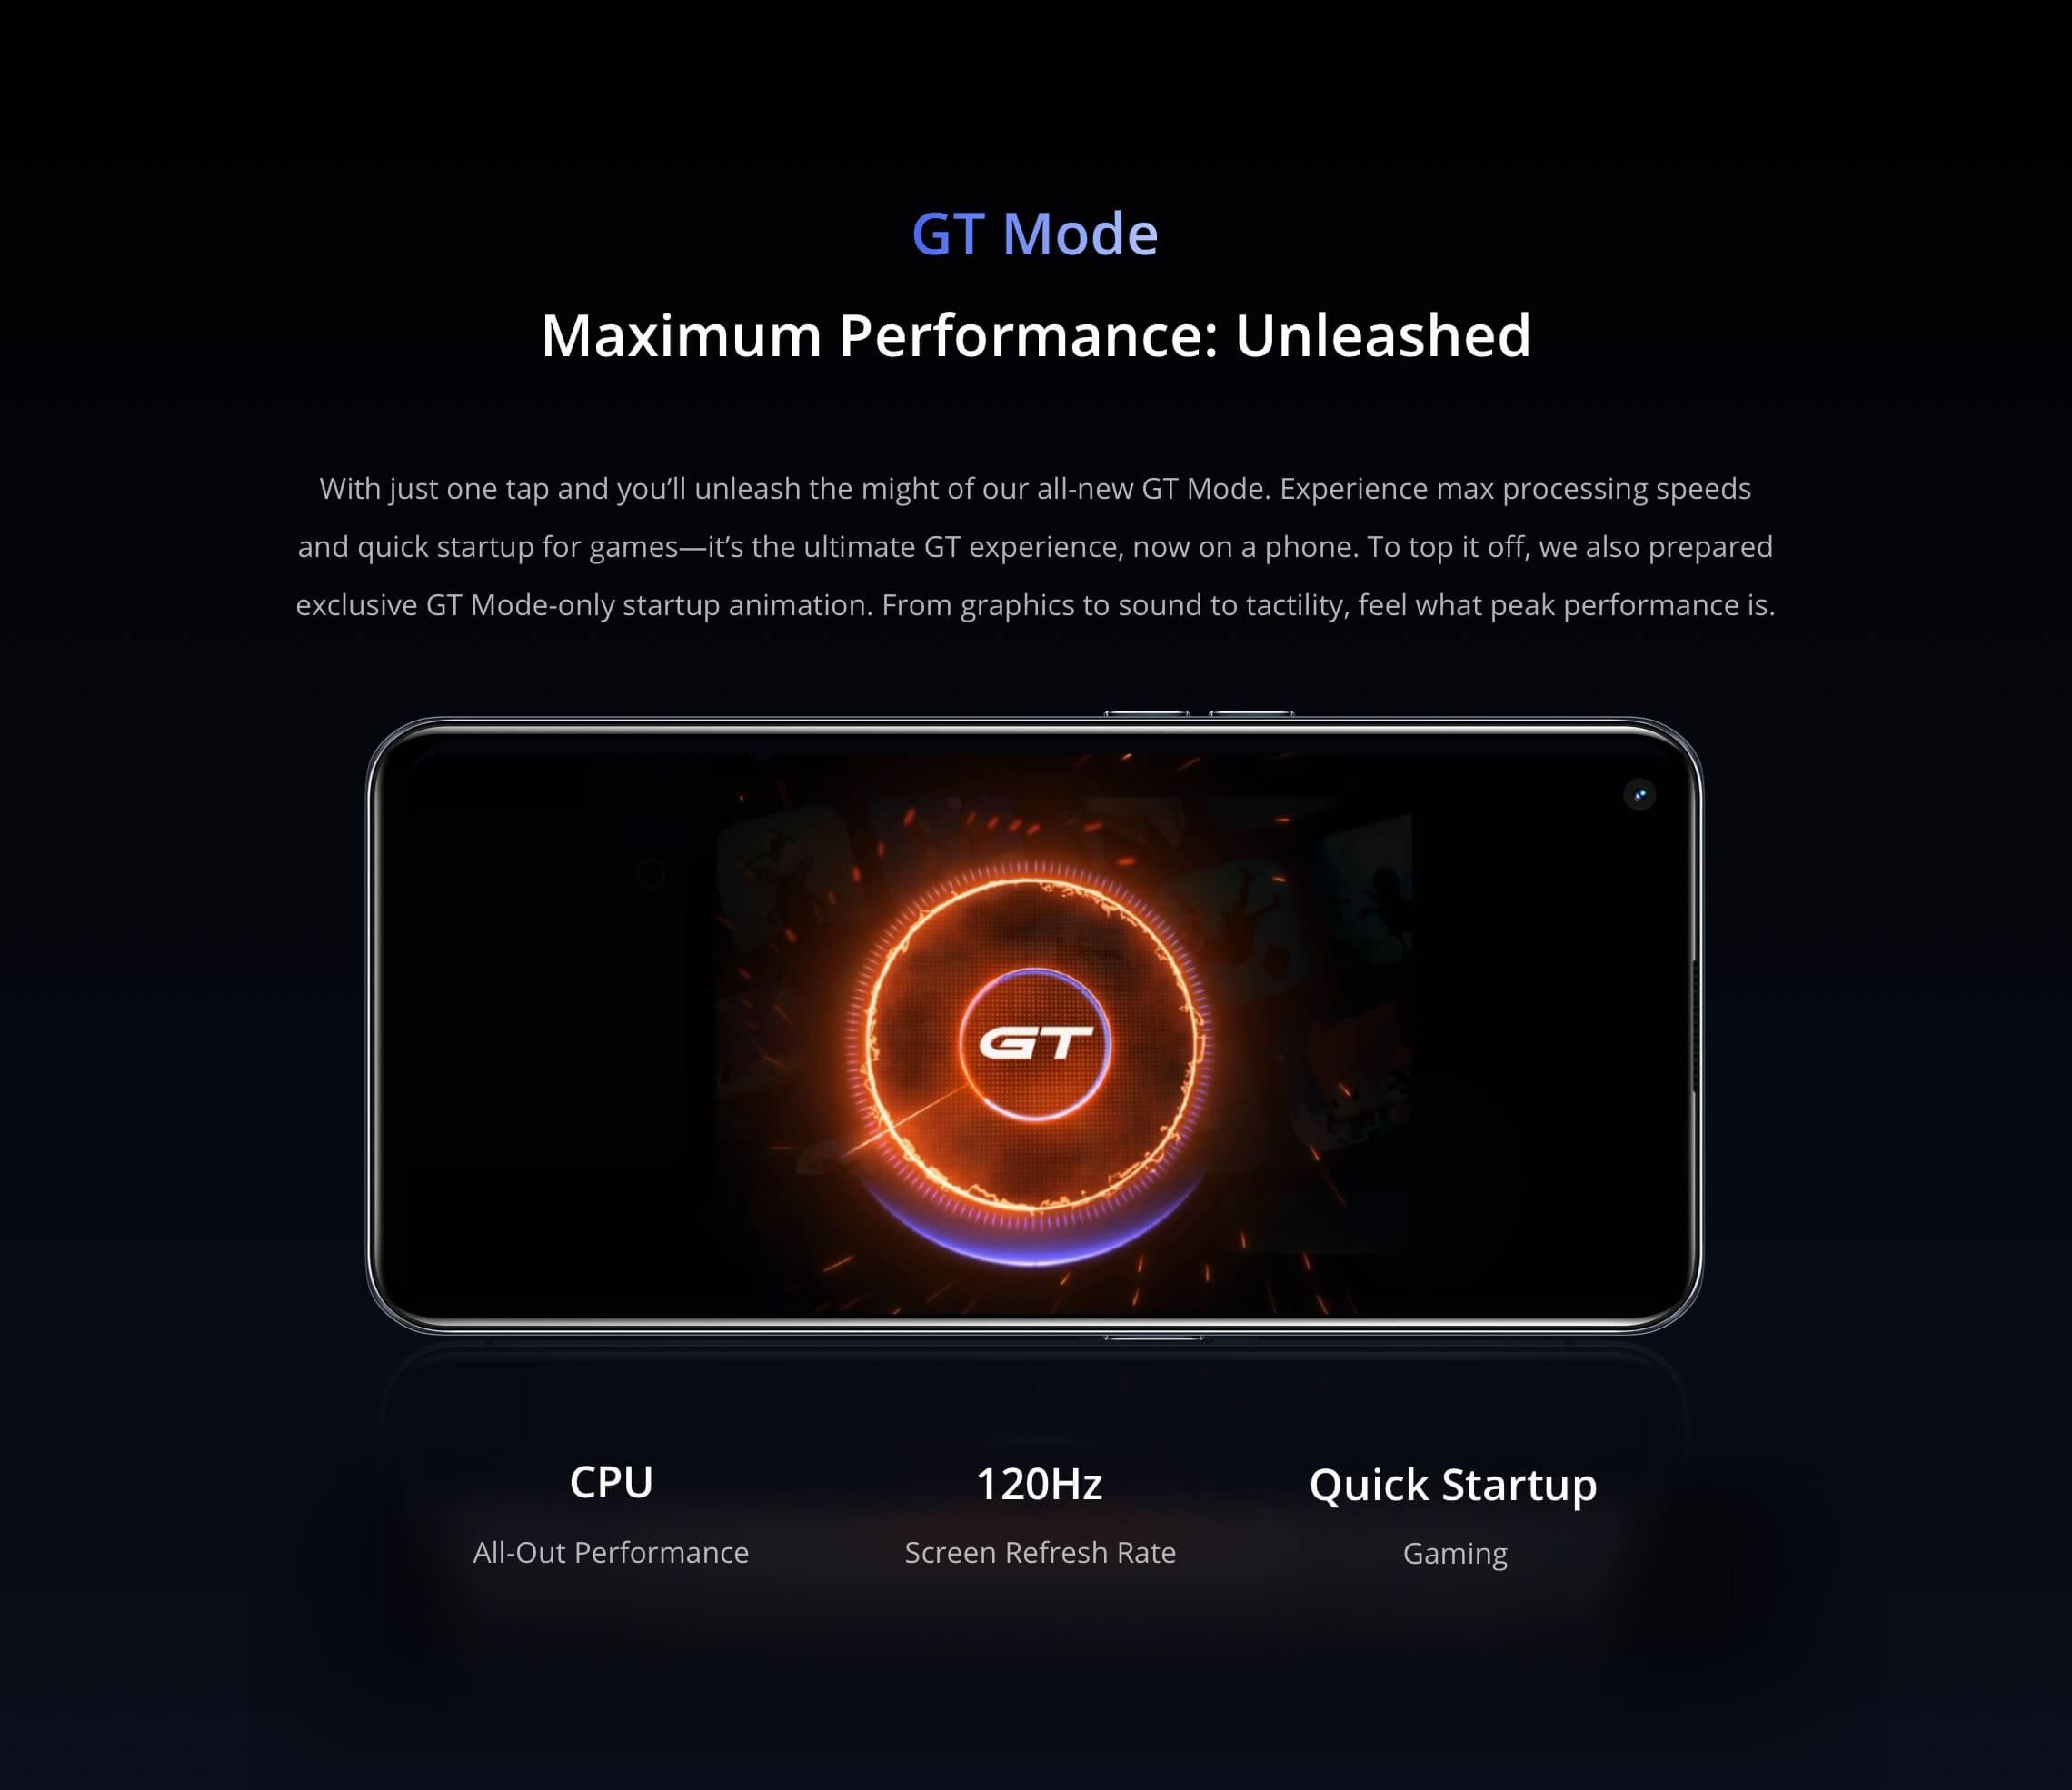 Realme GT 5G Gt mode